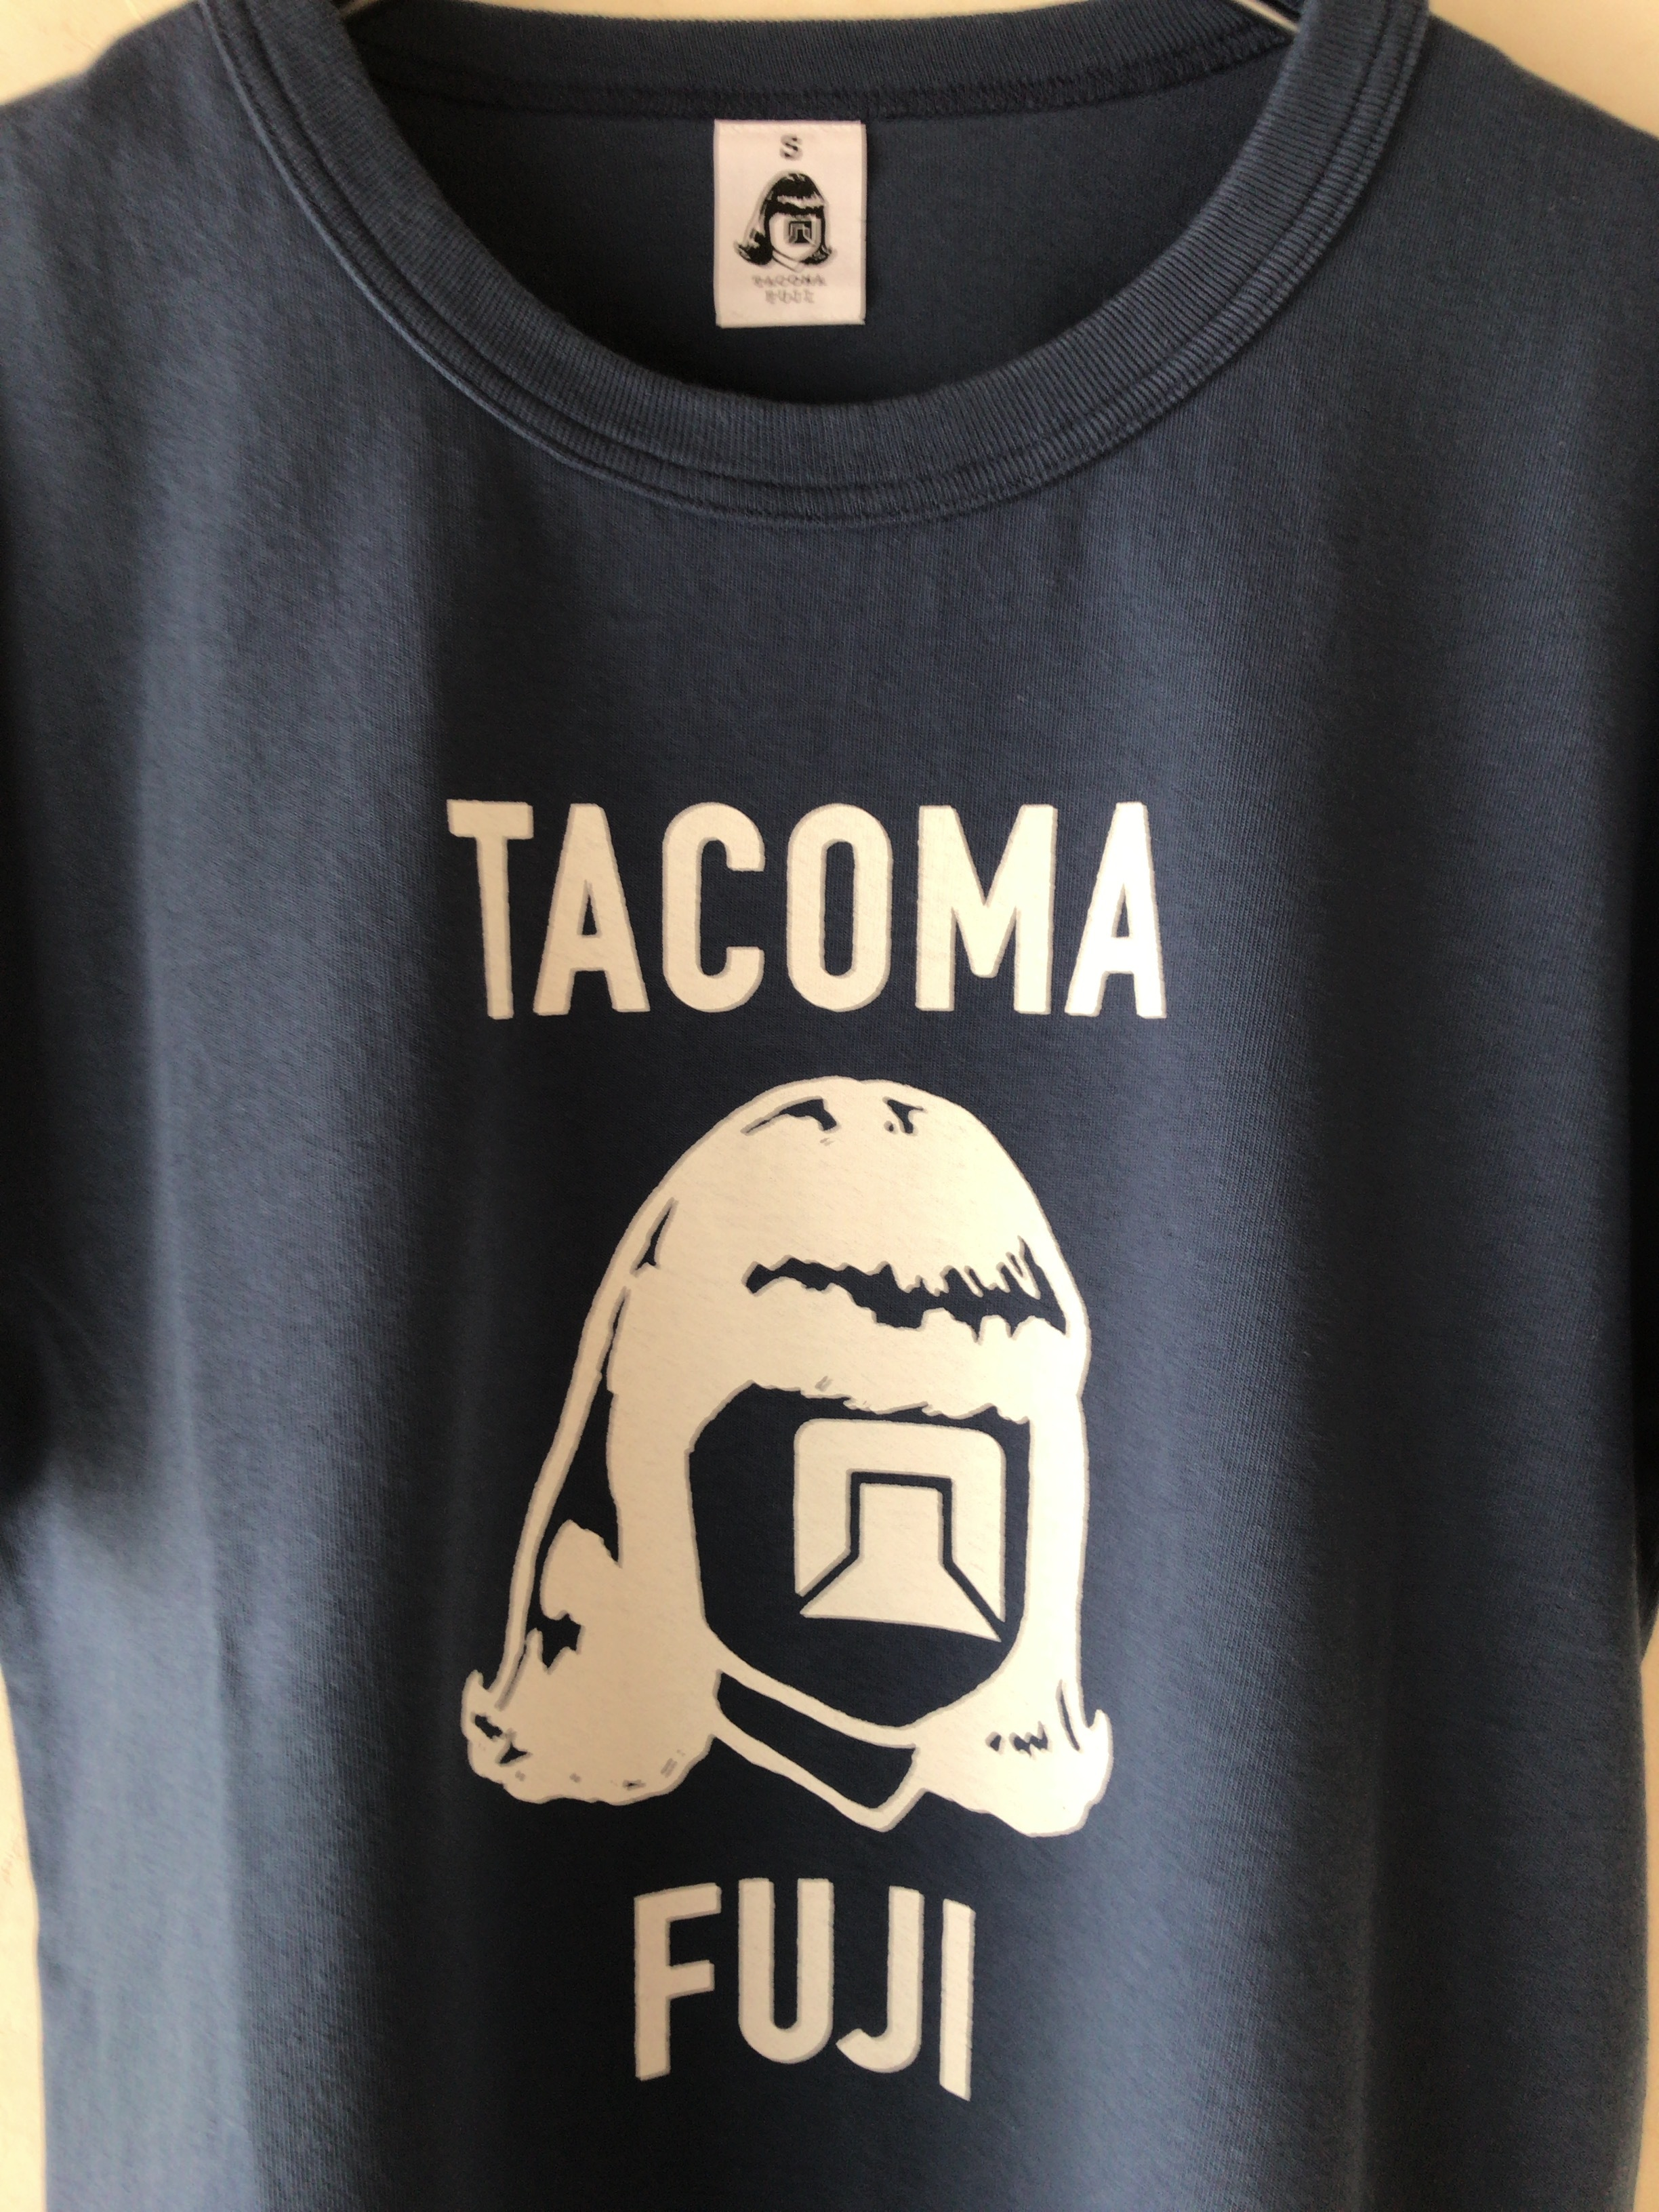 TACOMA FUJI RECORDS LOGO MARK'18 designed by Jerry UKAI & TACOMA FUJI RECORDS